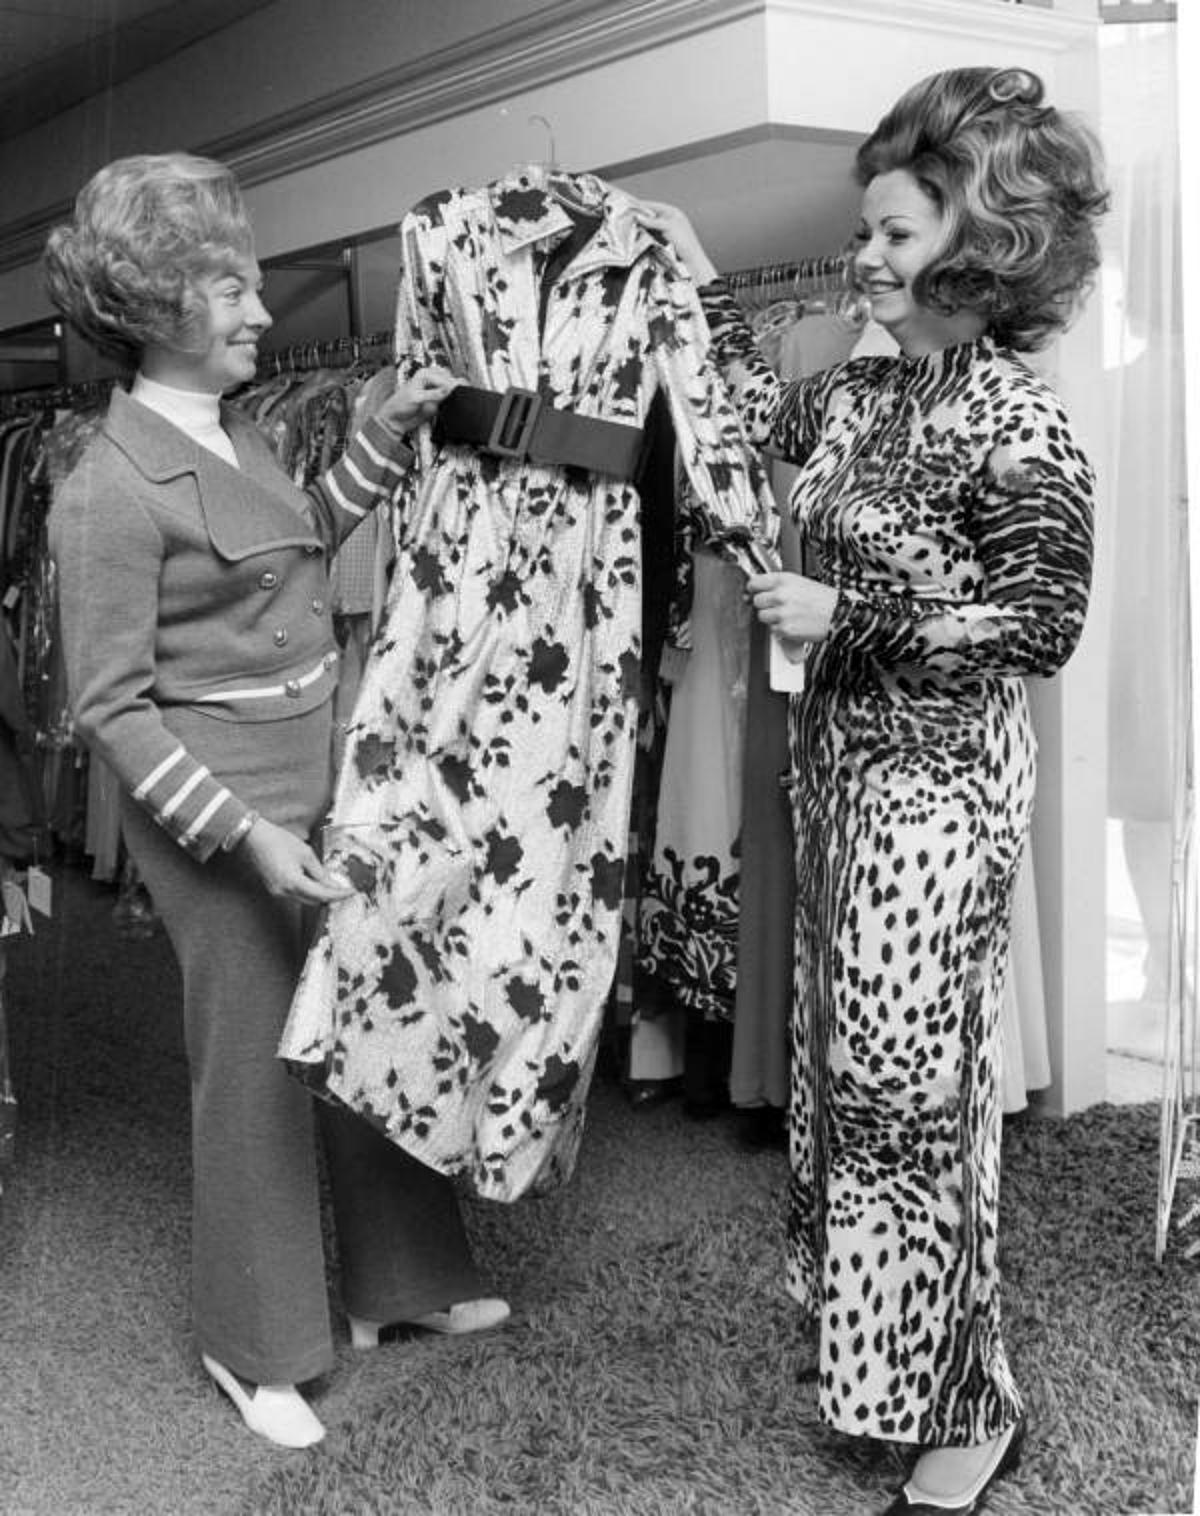 1970s bouffants